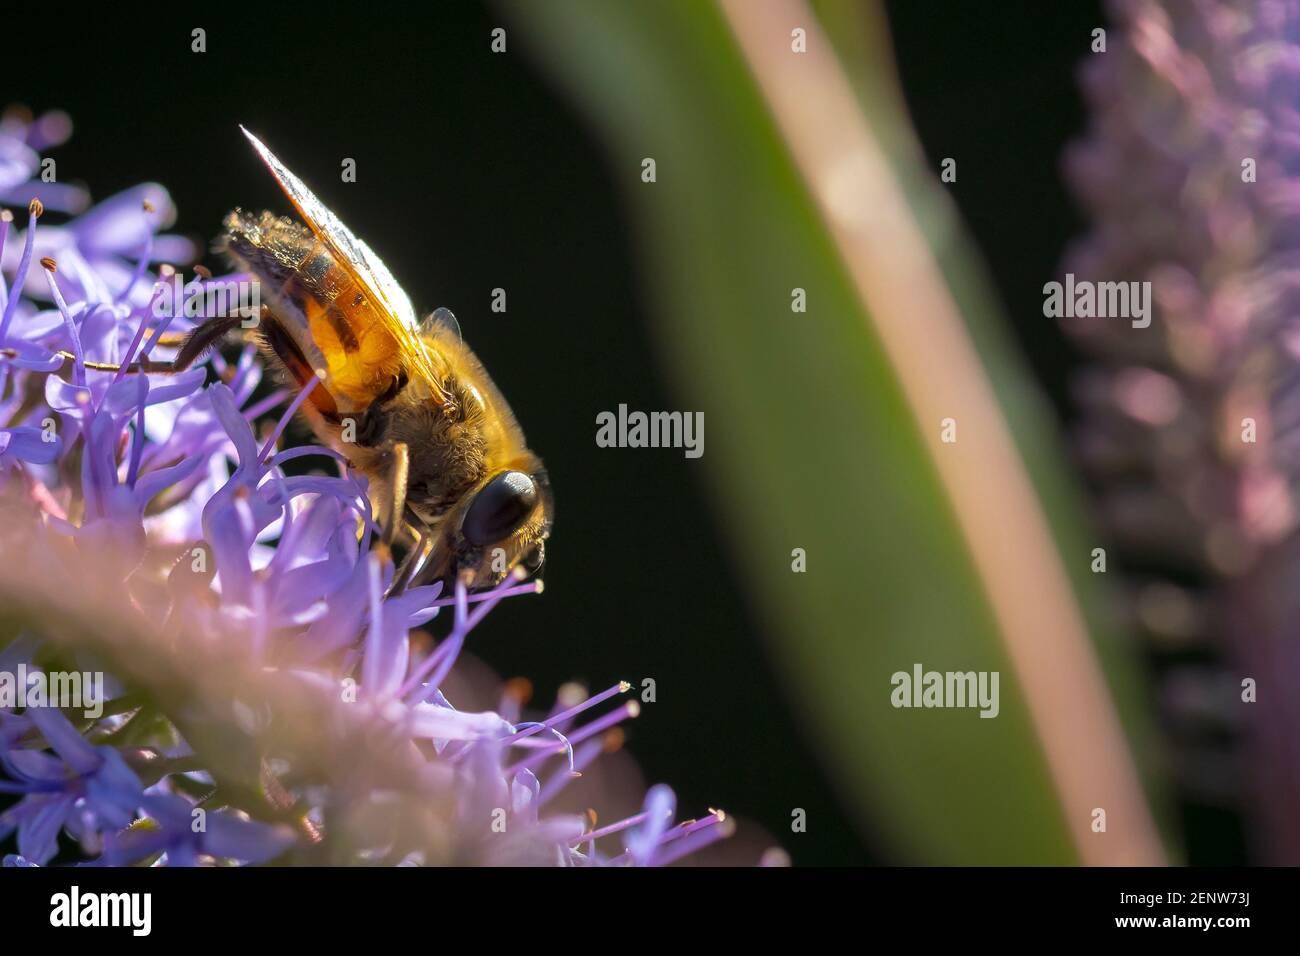 Cierre de una abeja de miel occidental o una abeja de miel europea APIs mellifera néctar de alimentación de flores púrpura Foto de stock